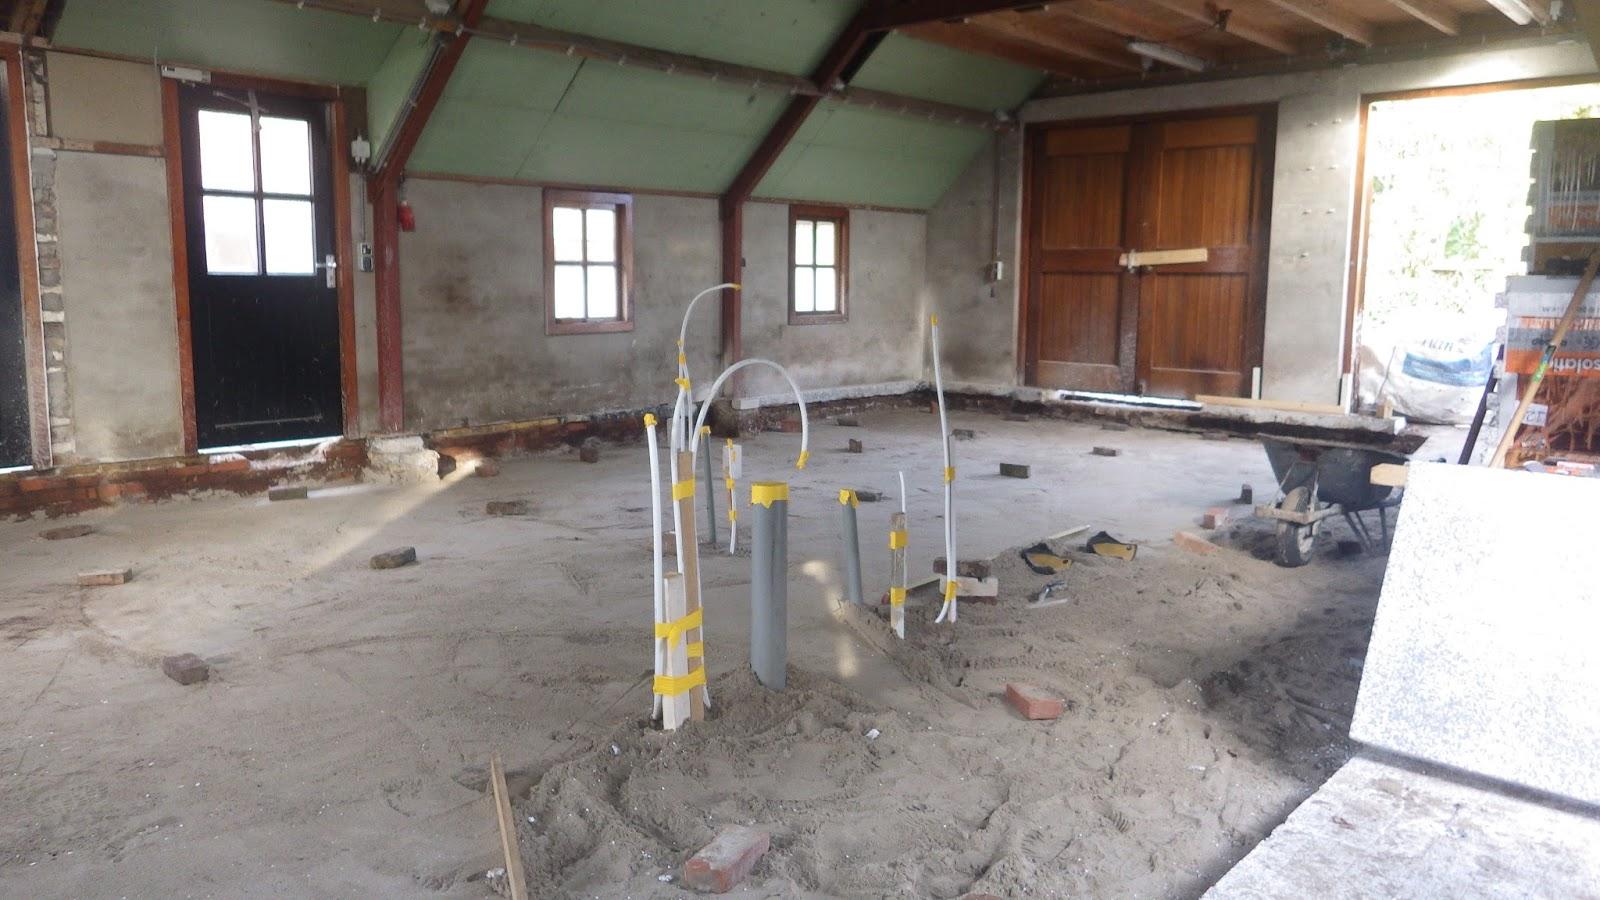 Isolatie vloer op zand vloer isoleren kruipruimte isoleren alle